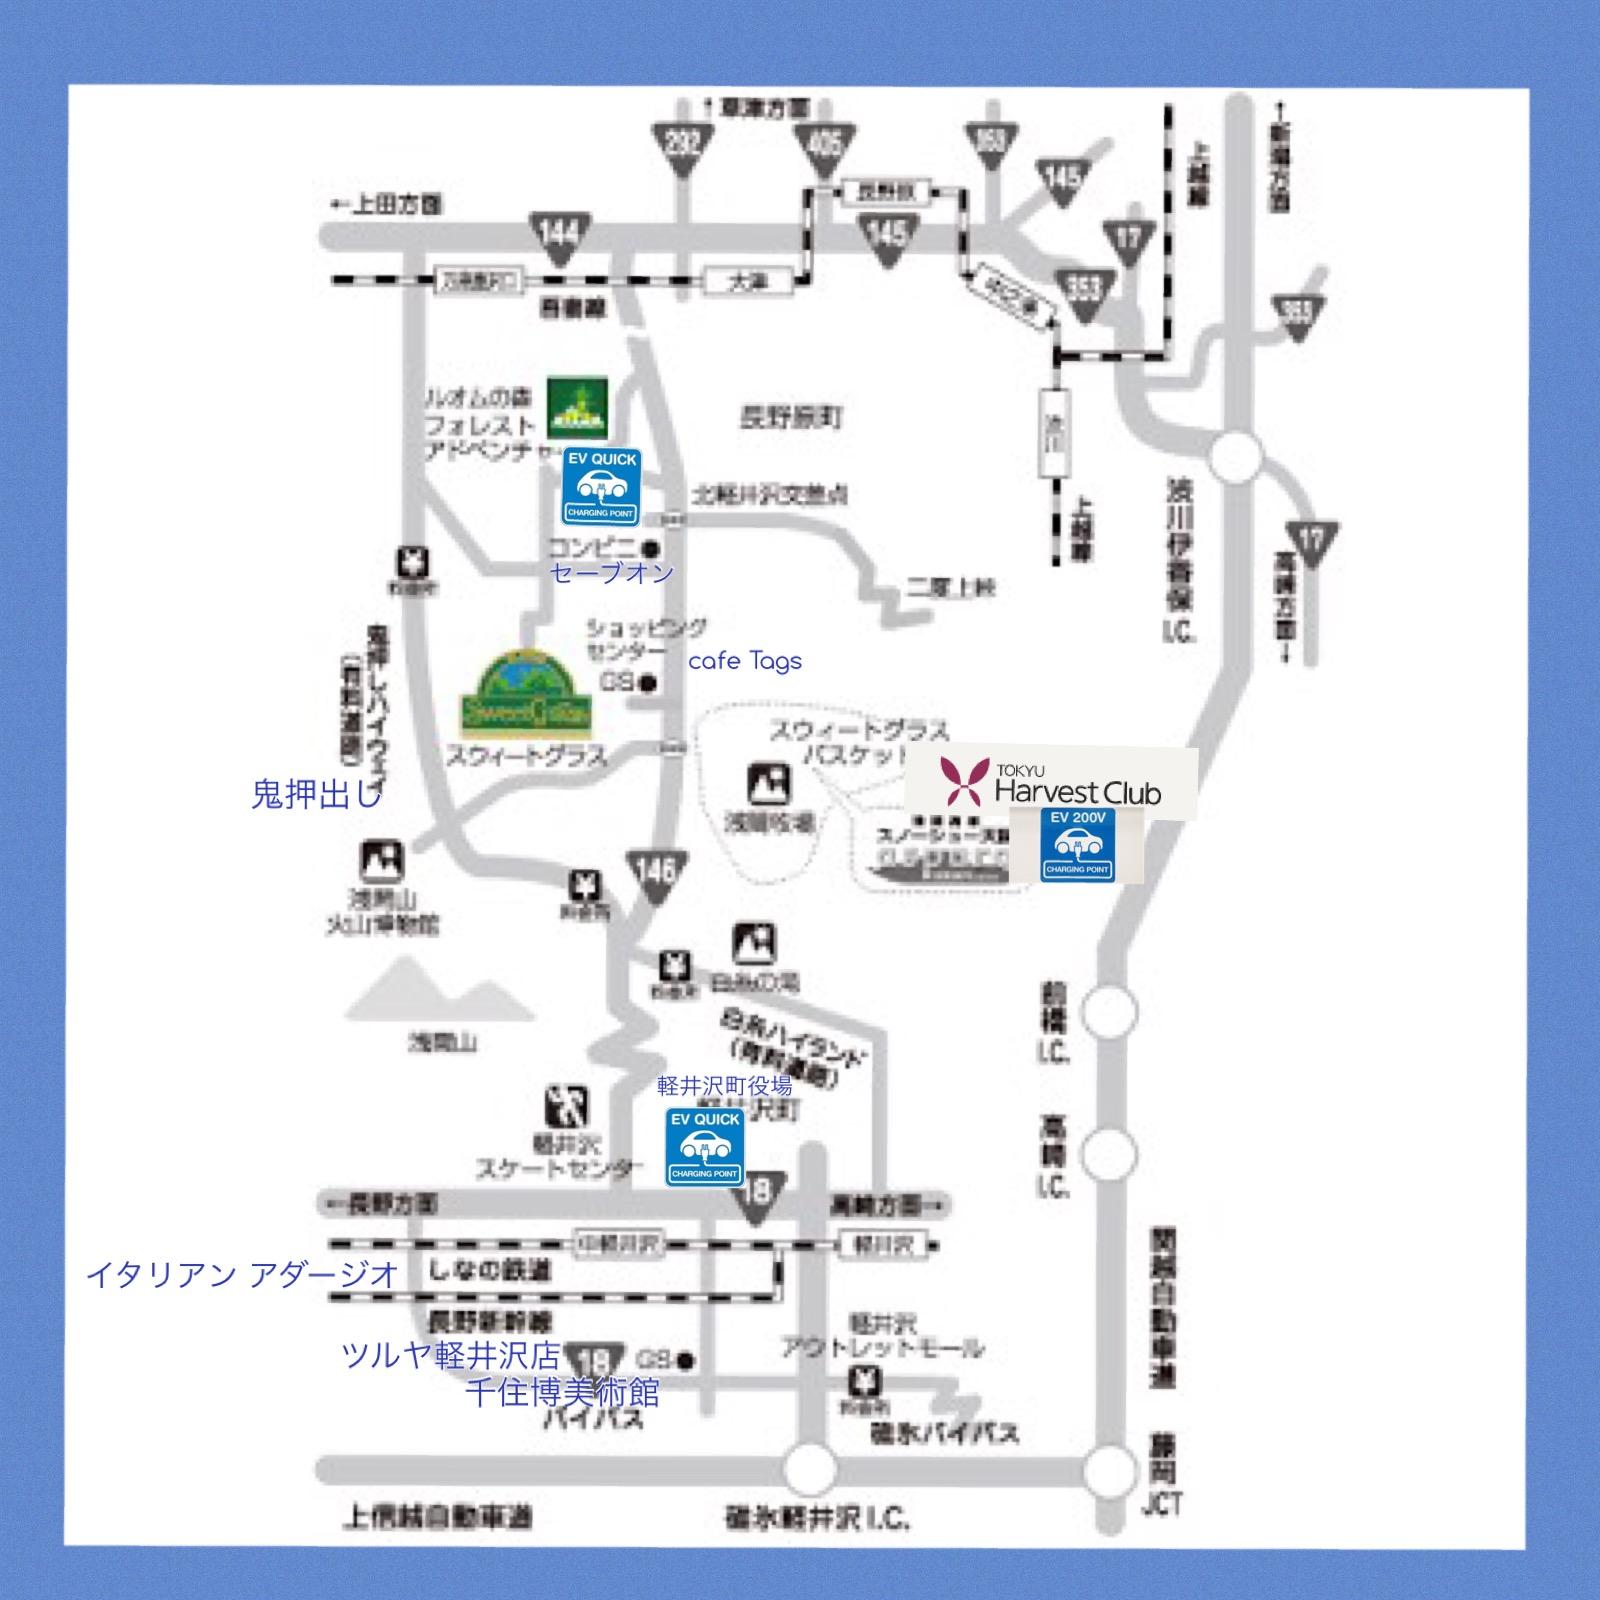 北軽井沢 ドライブマップ スウィートグラス ハーヴェスト軽井沢高原